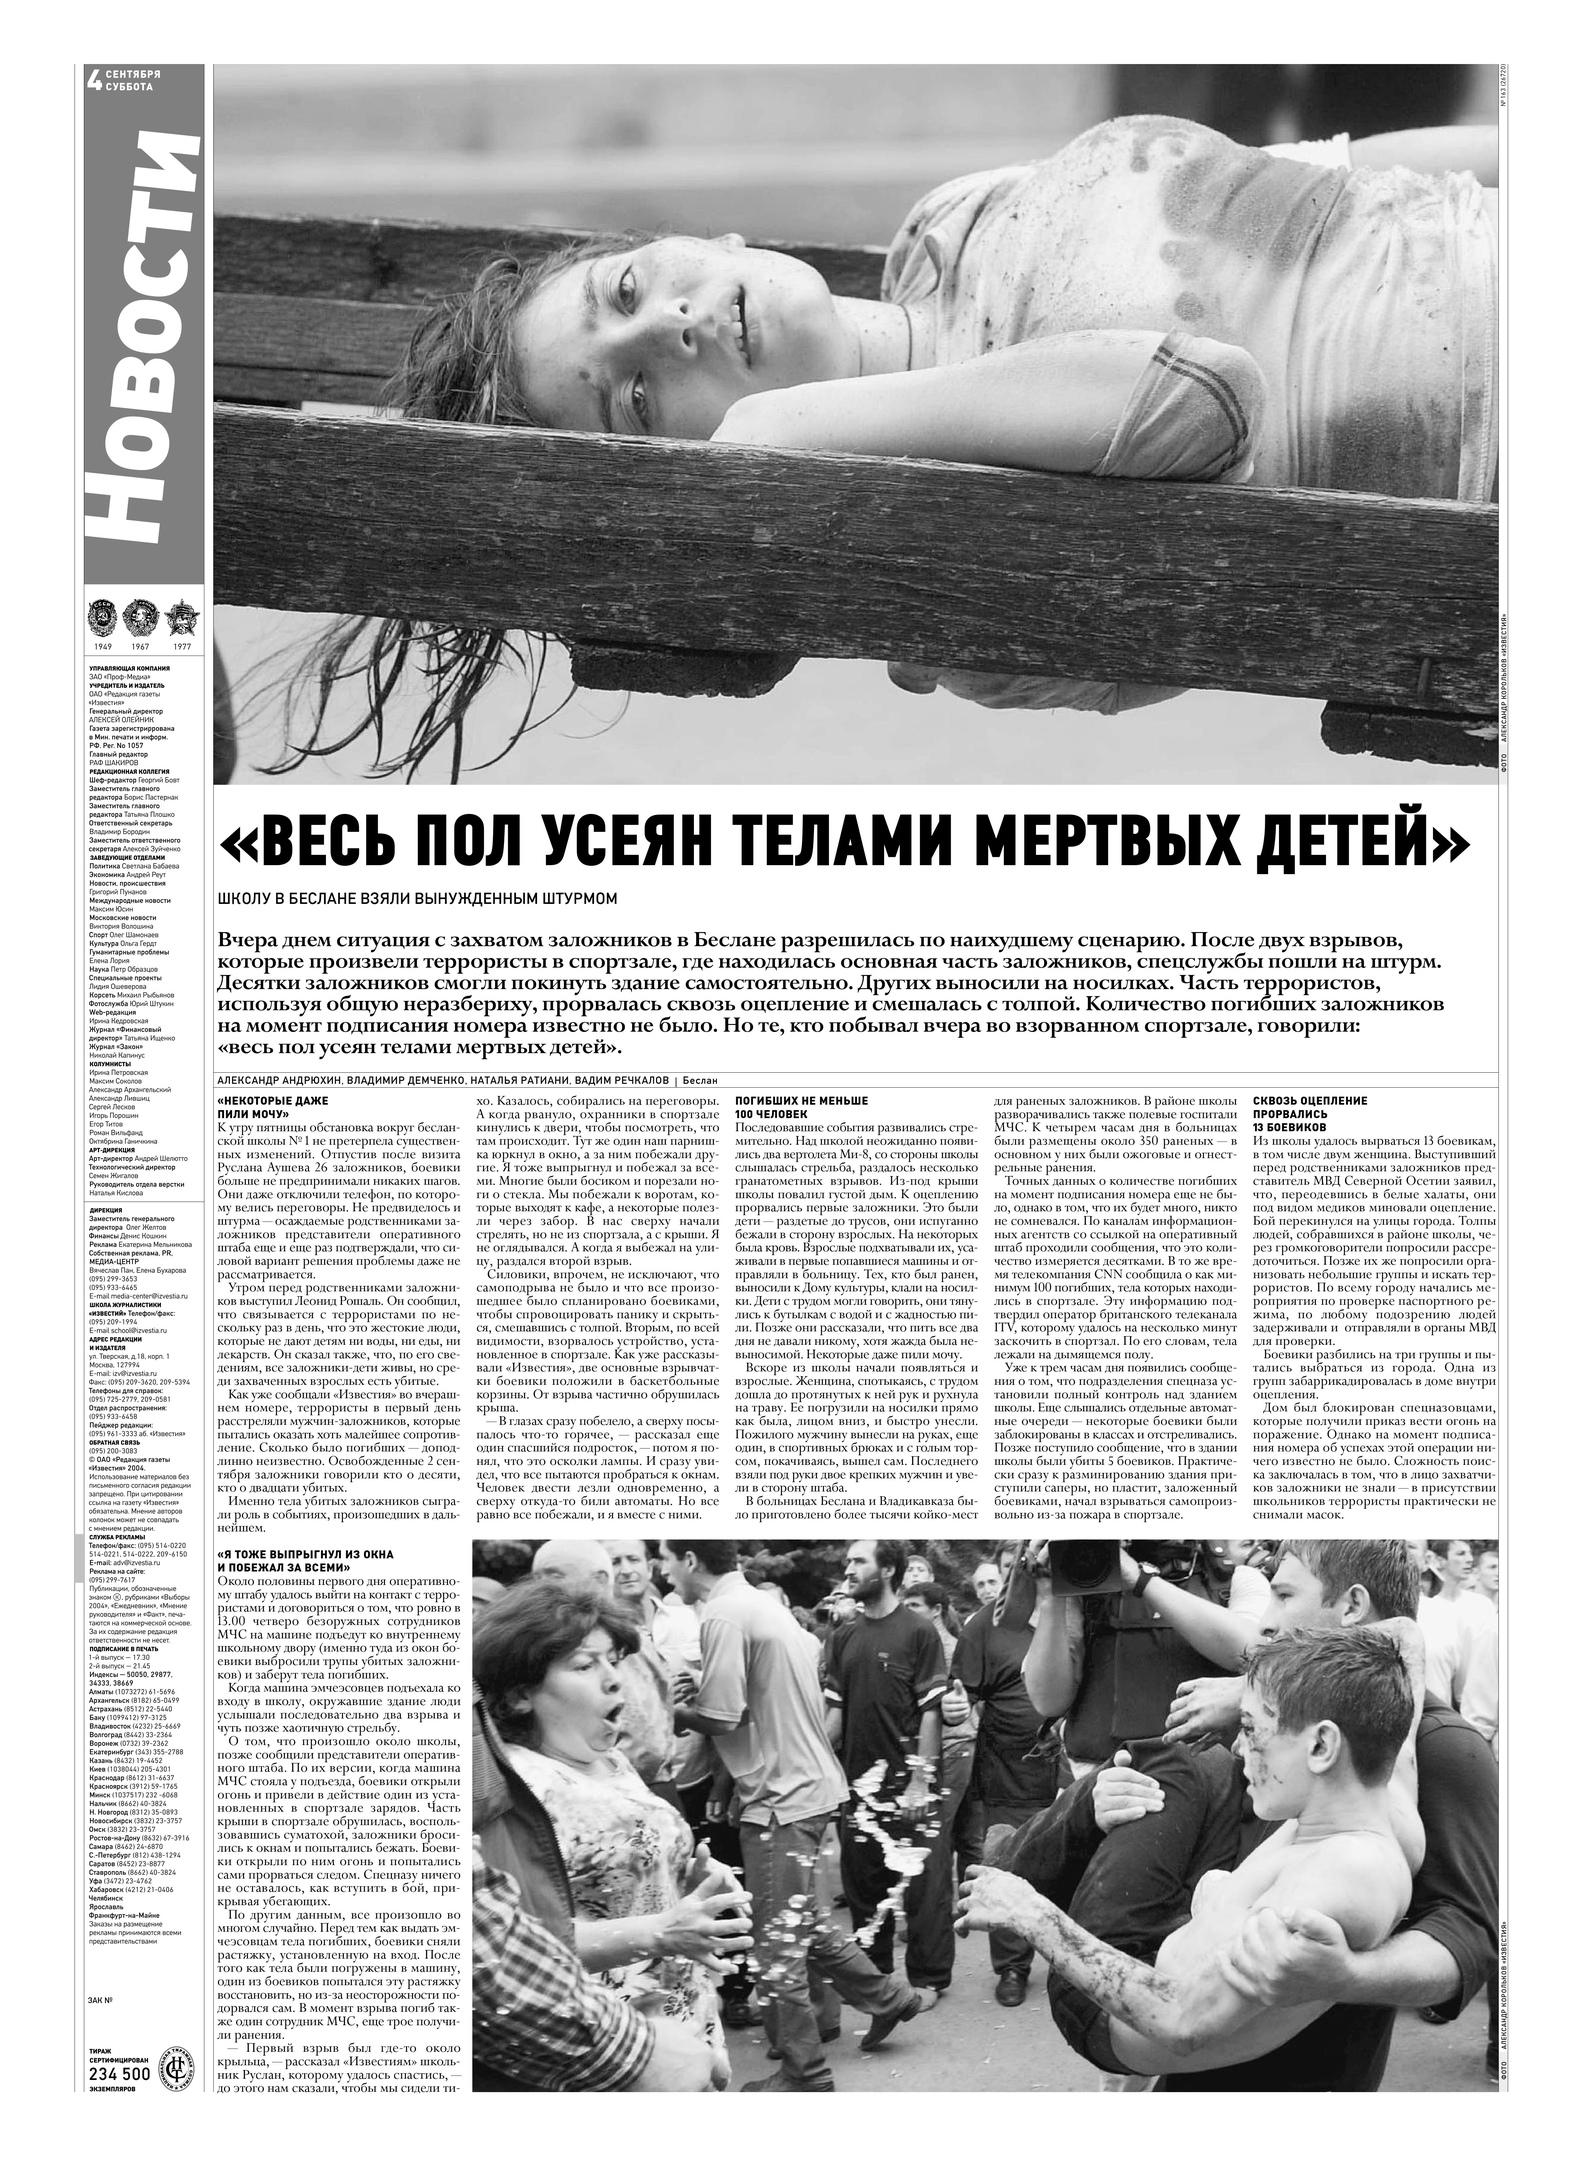 Известия. Беслан. 4 сентября 2004